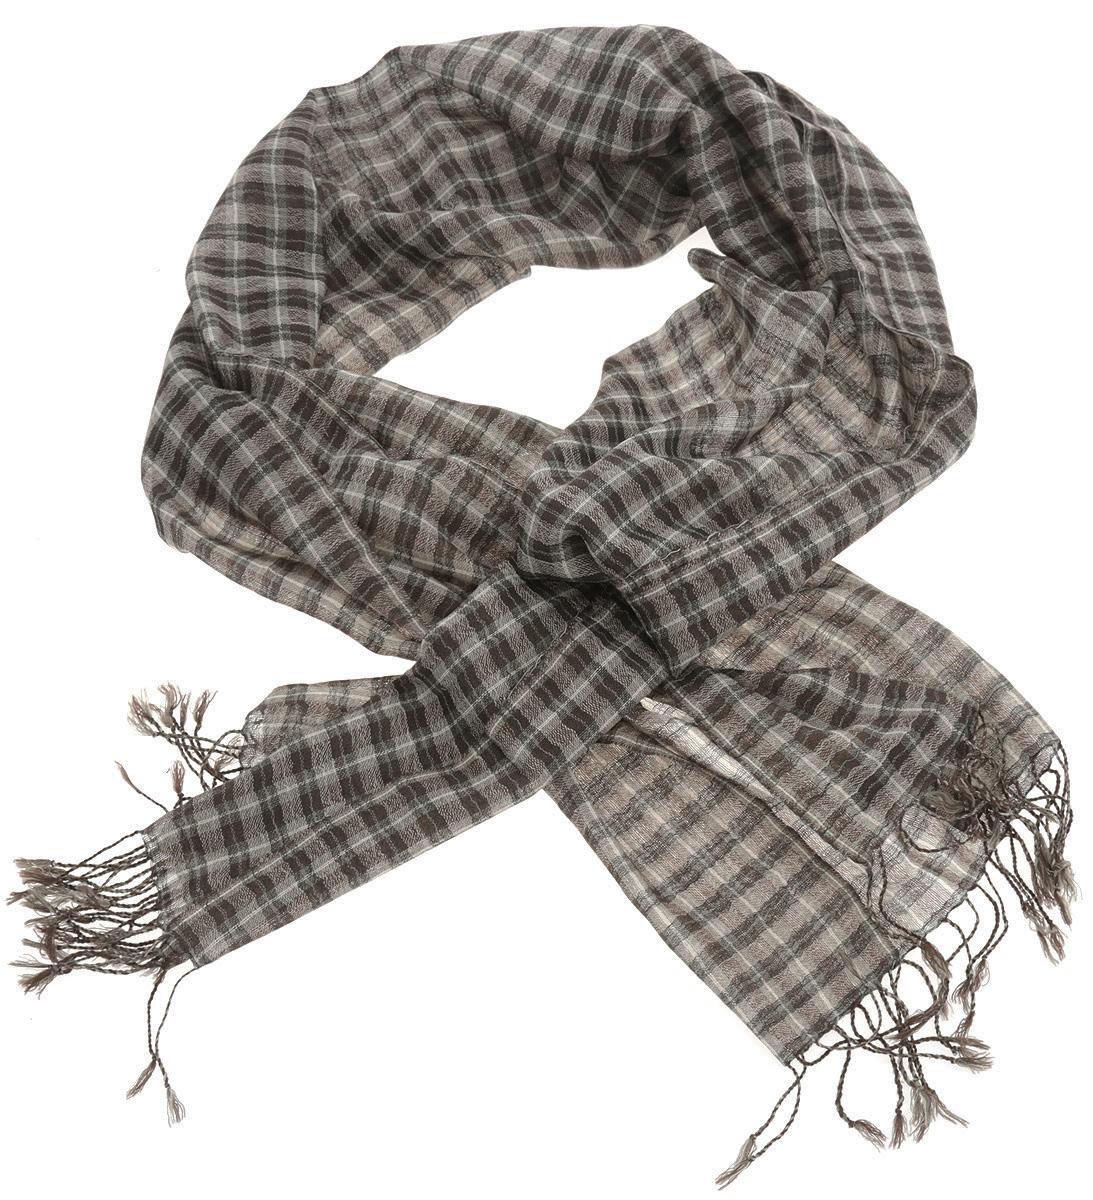 LMmanНеобычайно легкий мужской шарф Laura Milano выполнен из кашемира с добавлением модала, украшен актуальным принтом в клетку, согреет обладателя в непогоду. Края изделия оформлены кисточками. Великолепный мужской шарф Laura Milano сочетает в себе вечную классику и современные тренды.